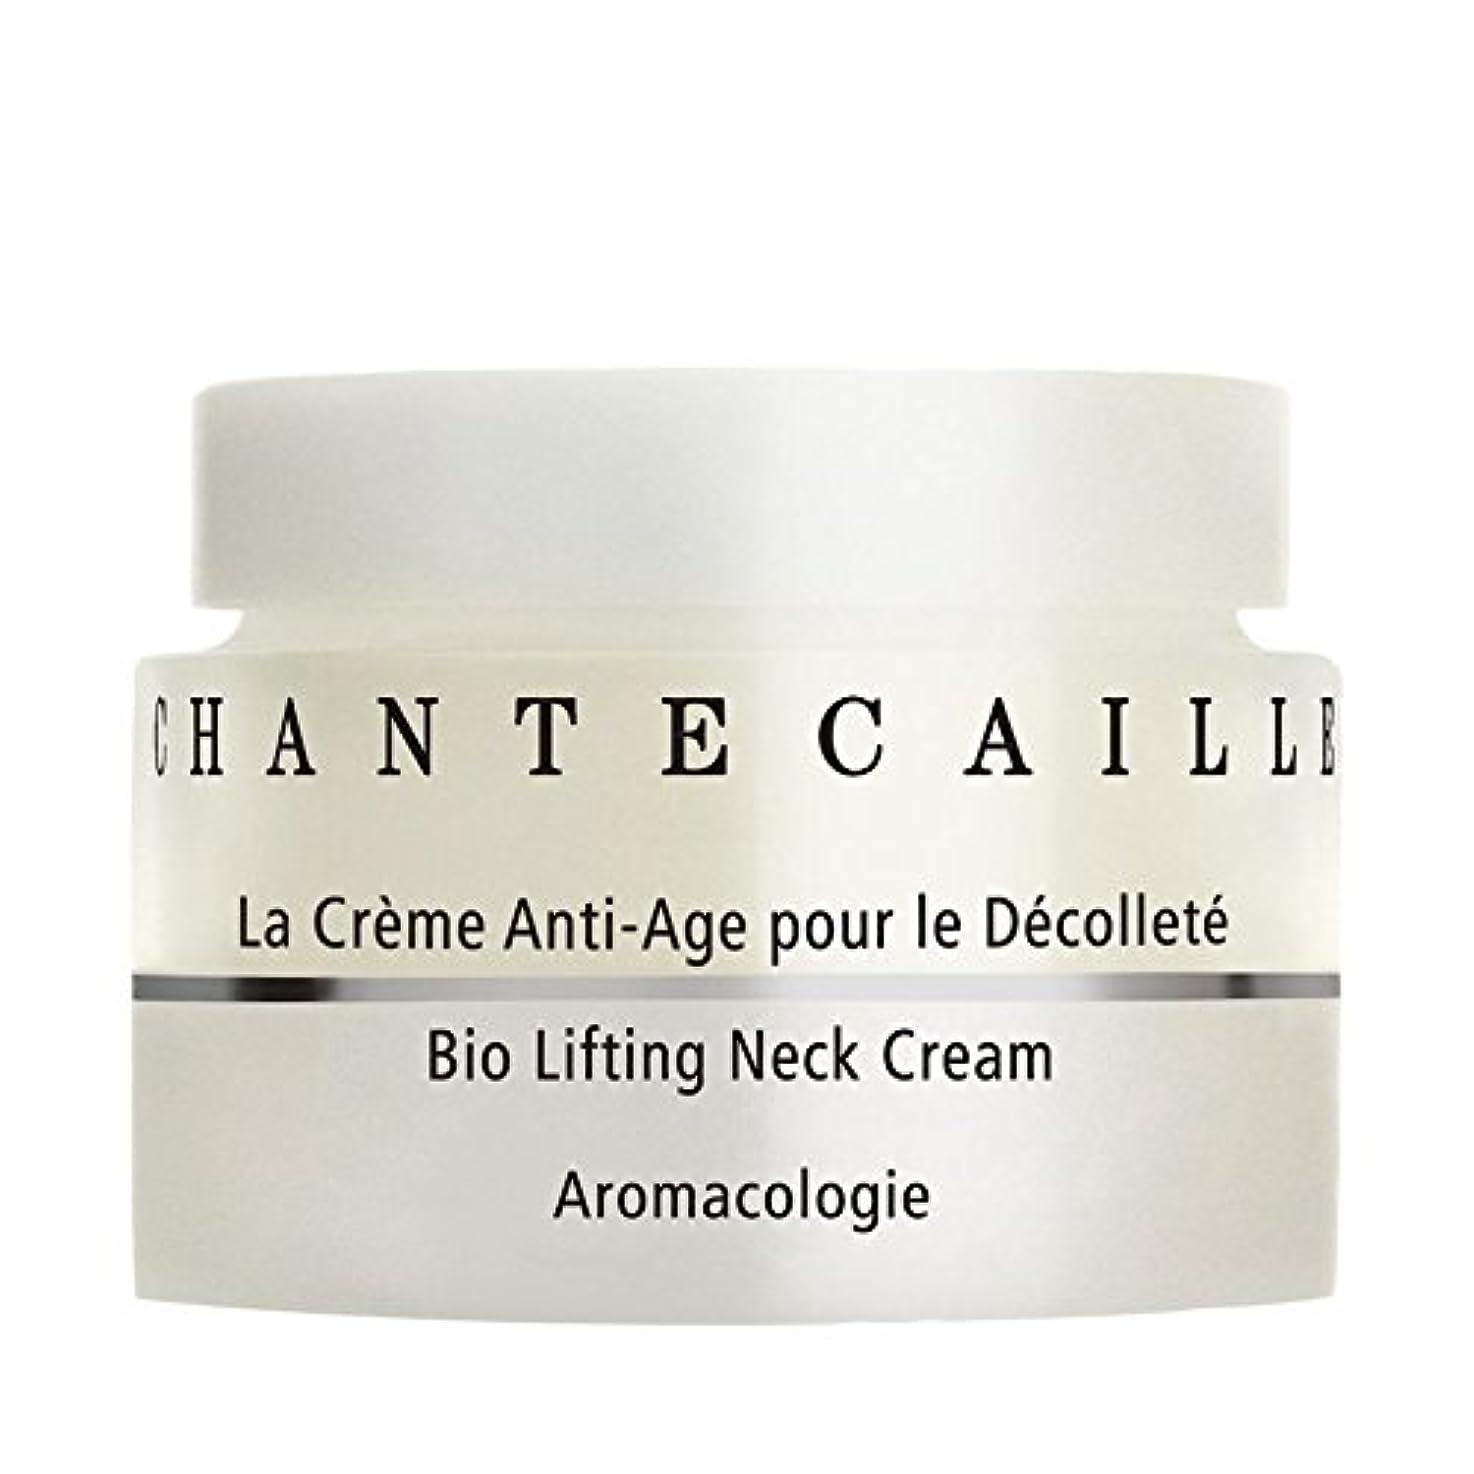 独裁ホイットニーウェブシャンテカイユバイオダイナミックリフティングネッククリーム、シャンテカイユ x2 - Chantecaille Biodynamic Lifting Neck Cream, Chantecaille (Pack of 2...